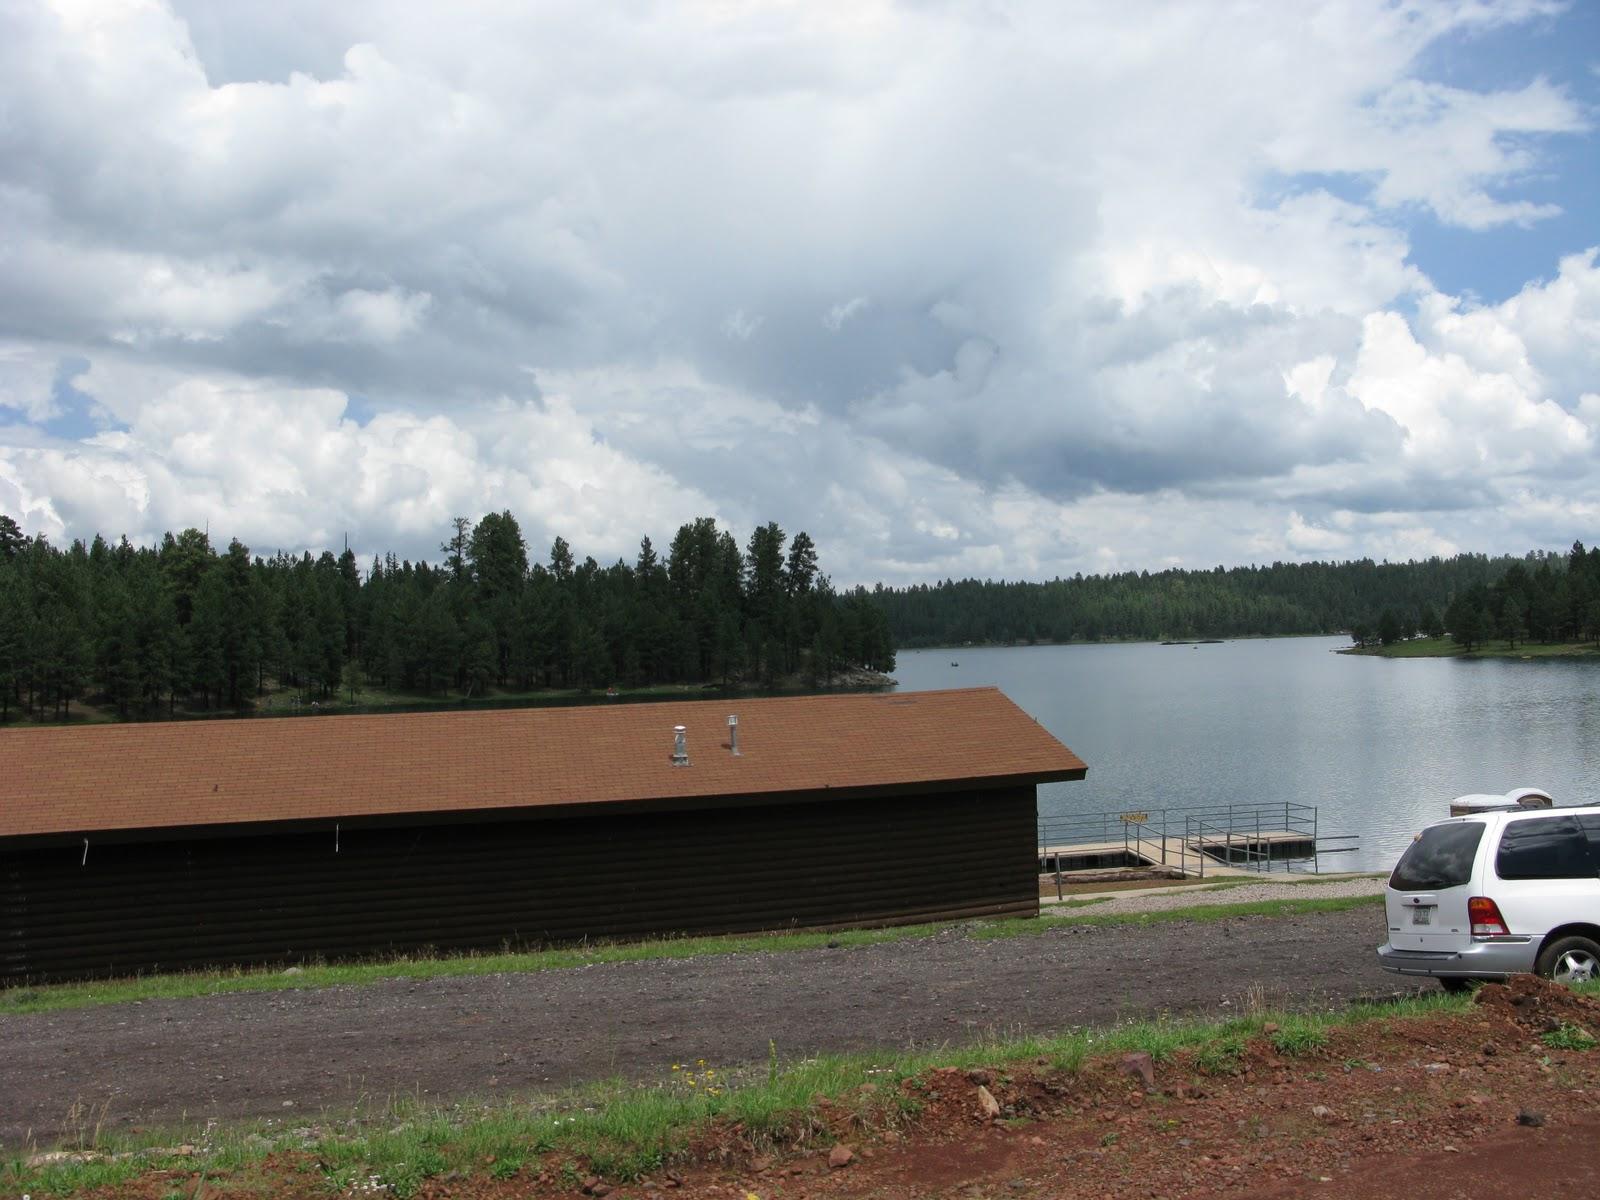 Boat Docks And Lakeside Cabins At Hawley Lake Arizona